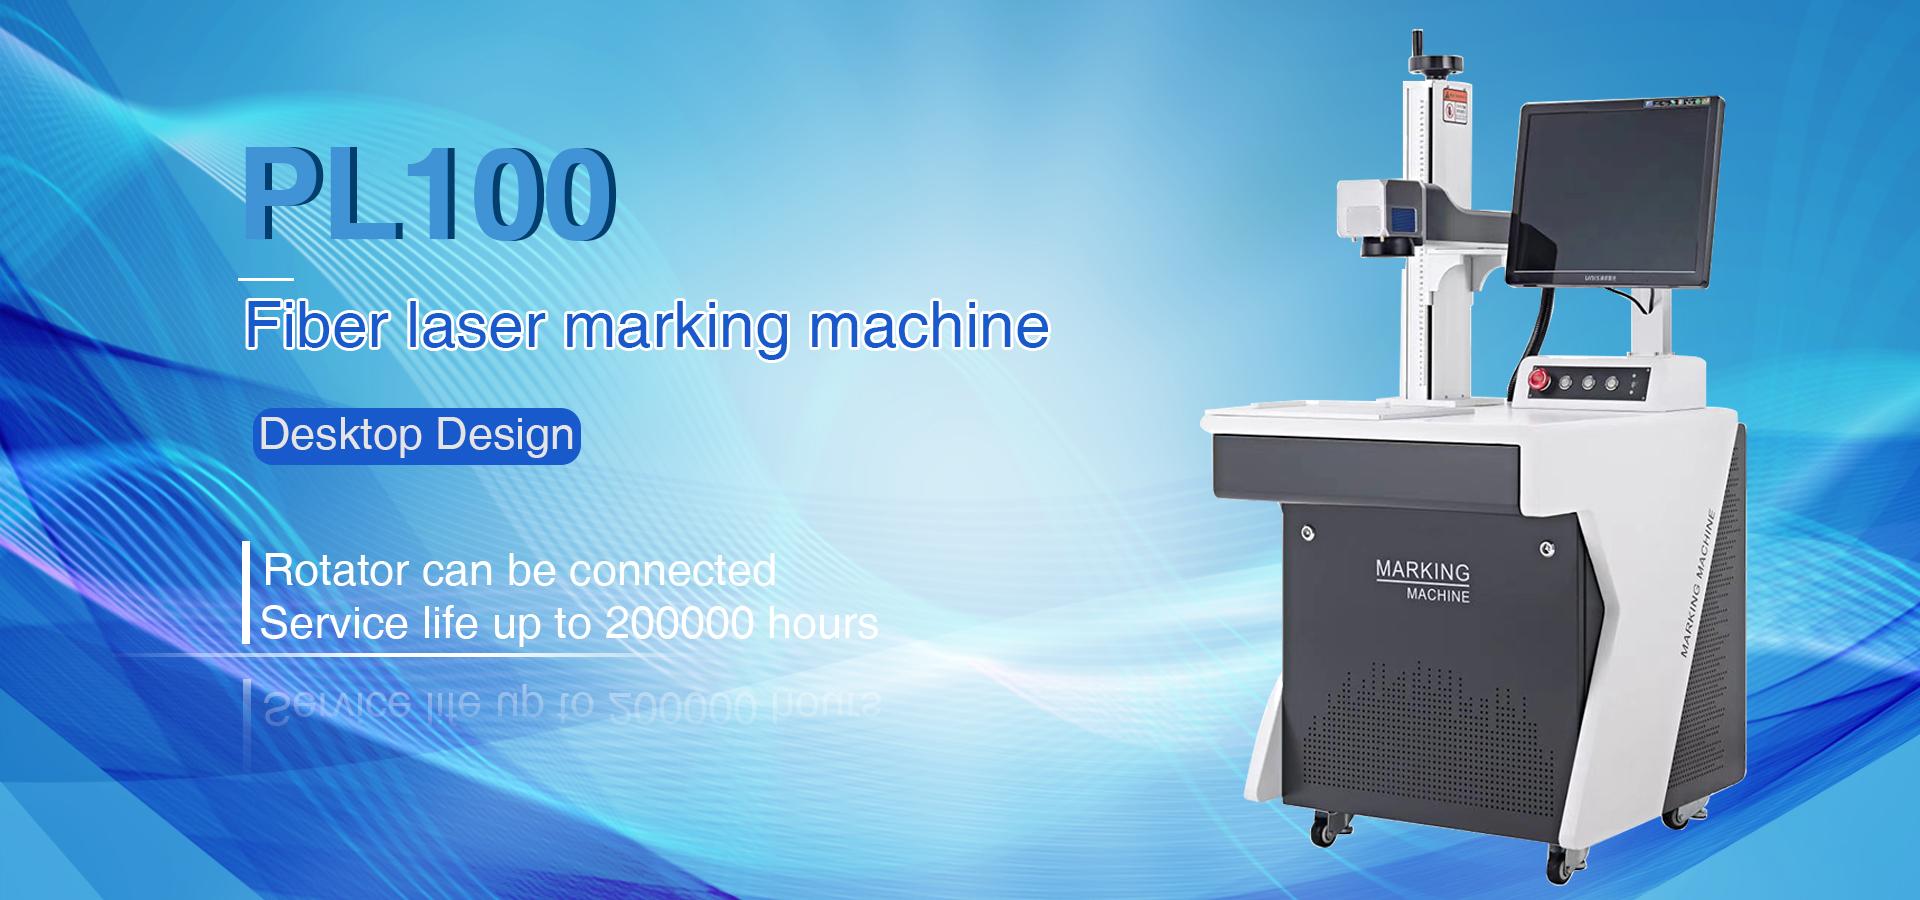 Fé Impressão a laser e detalhes da máquina a laser